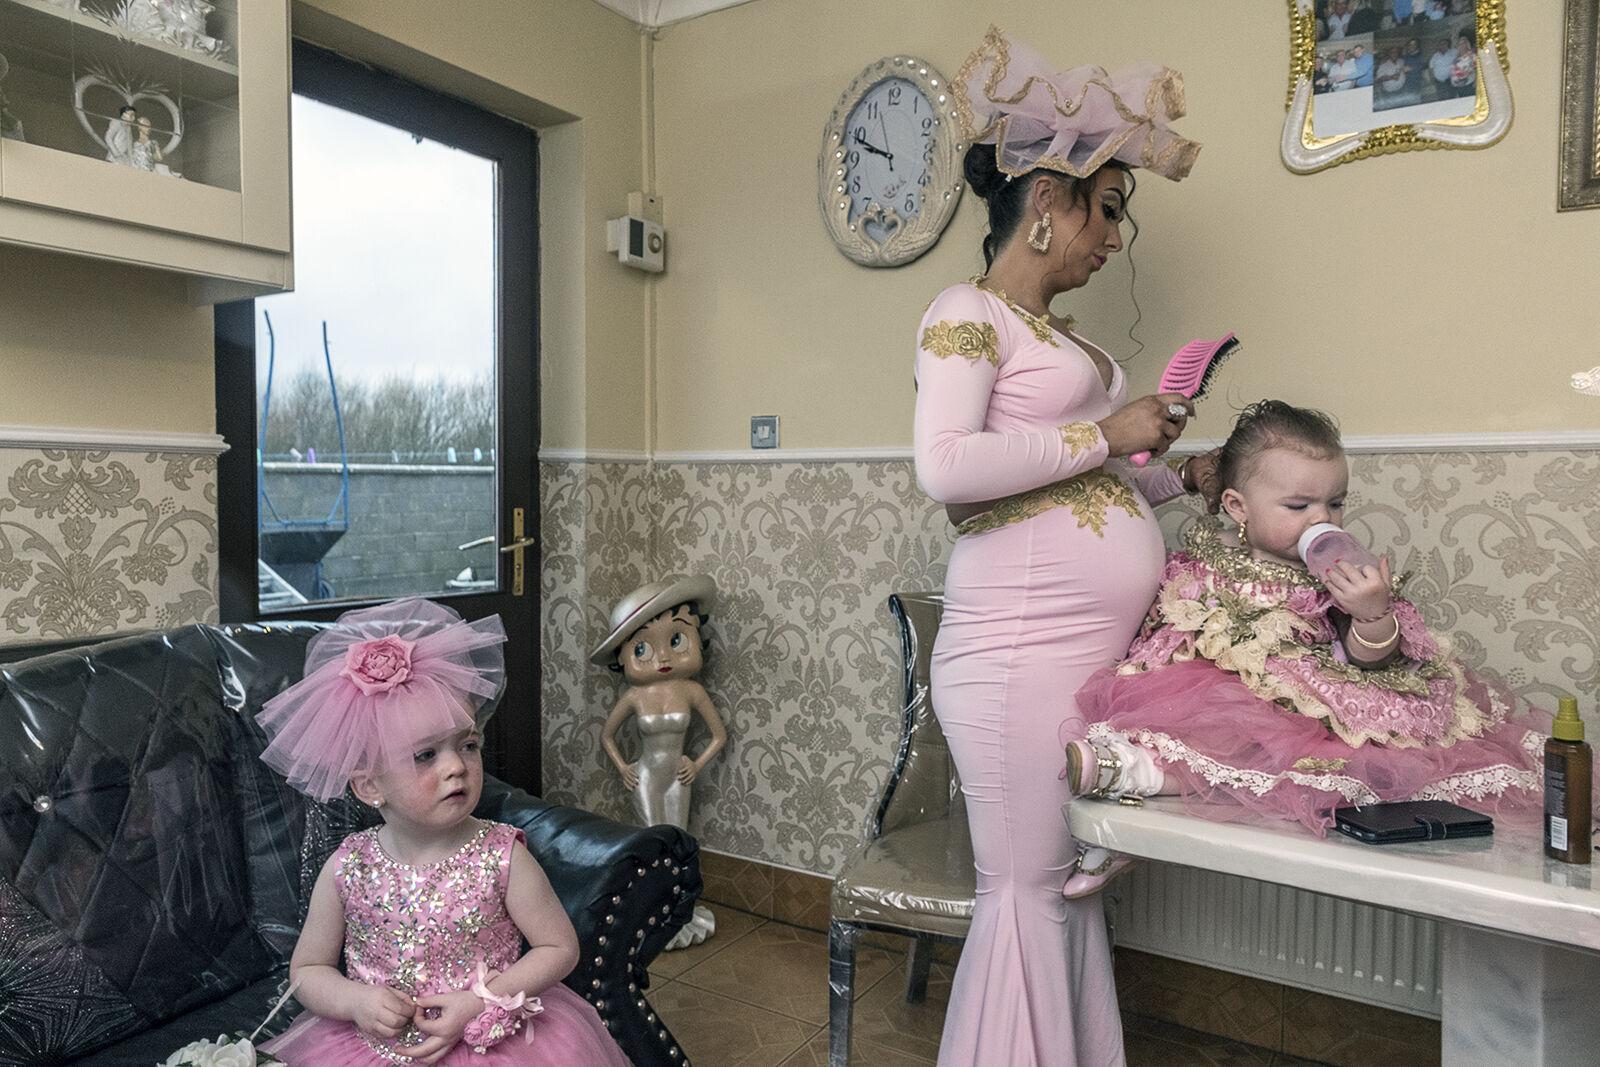 Santanna getting girls ready for wedding, Galway, Ireland 2019